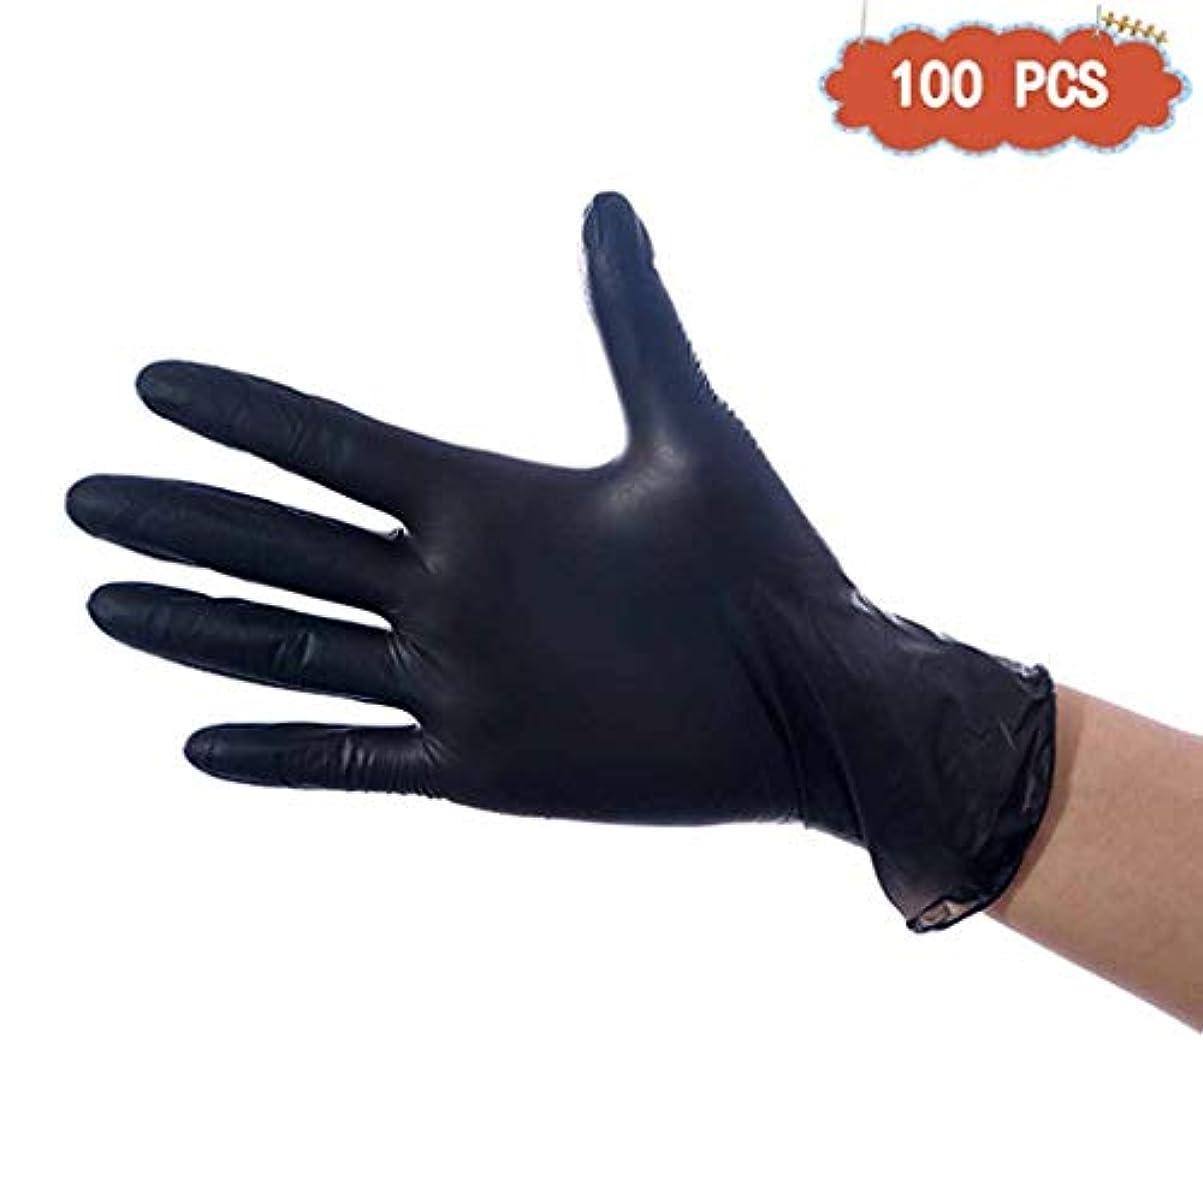 教育漂流知り合いになるニトリル手袋手袋9インチネイルアートブラックニトリル保護手袋キッチンシェフオイルラテックスフリー、パウダーフリー、100個 (Size : M)